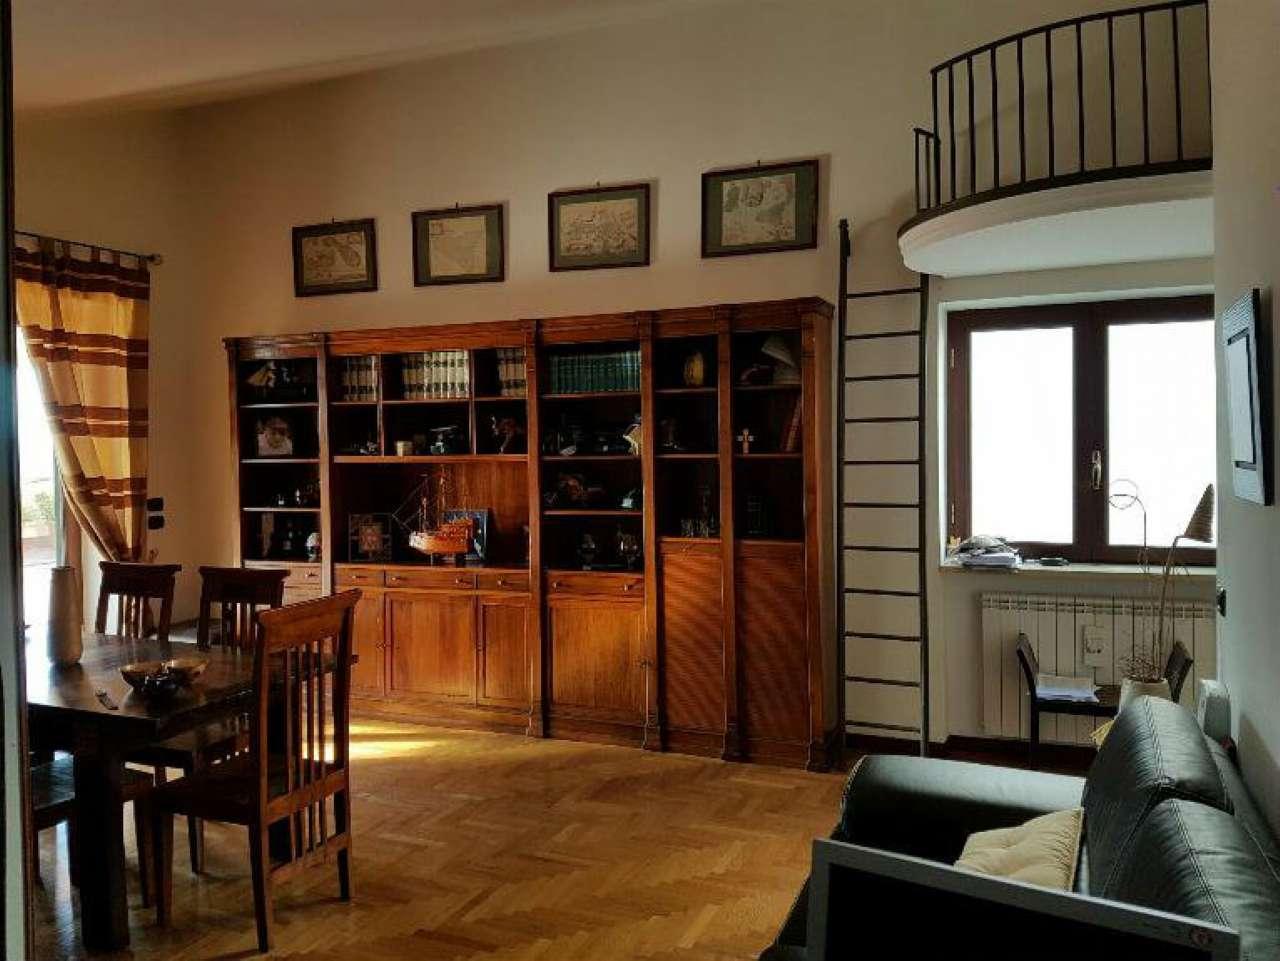 Attico / Mansarda in vendita a Pozzuoli, 3 locali, prezzo € 320.000 | CambioCasa.it